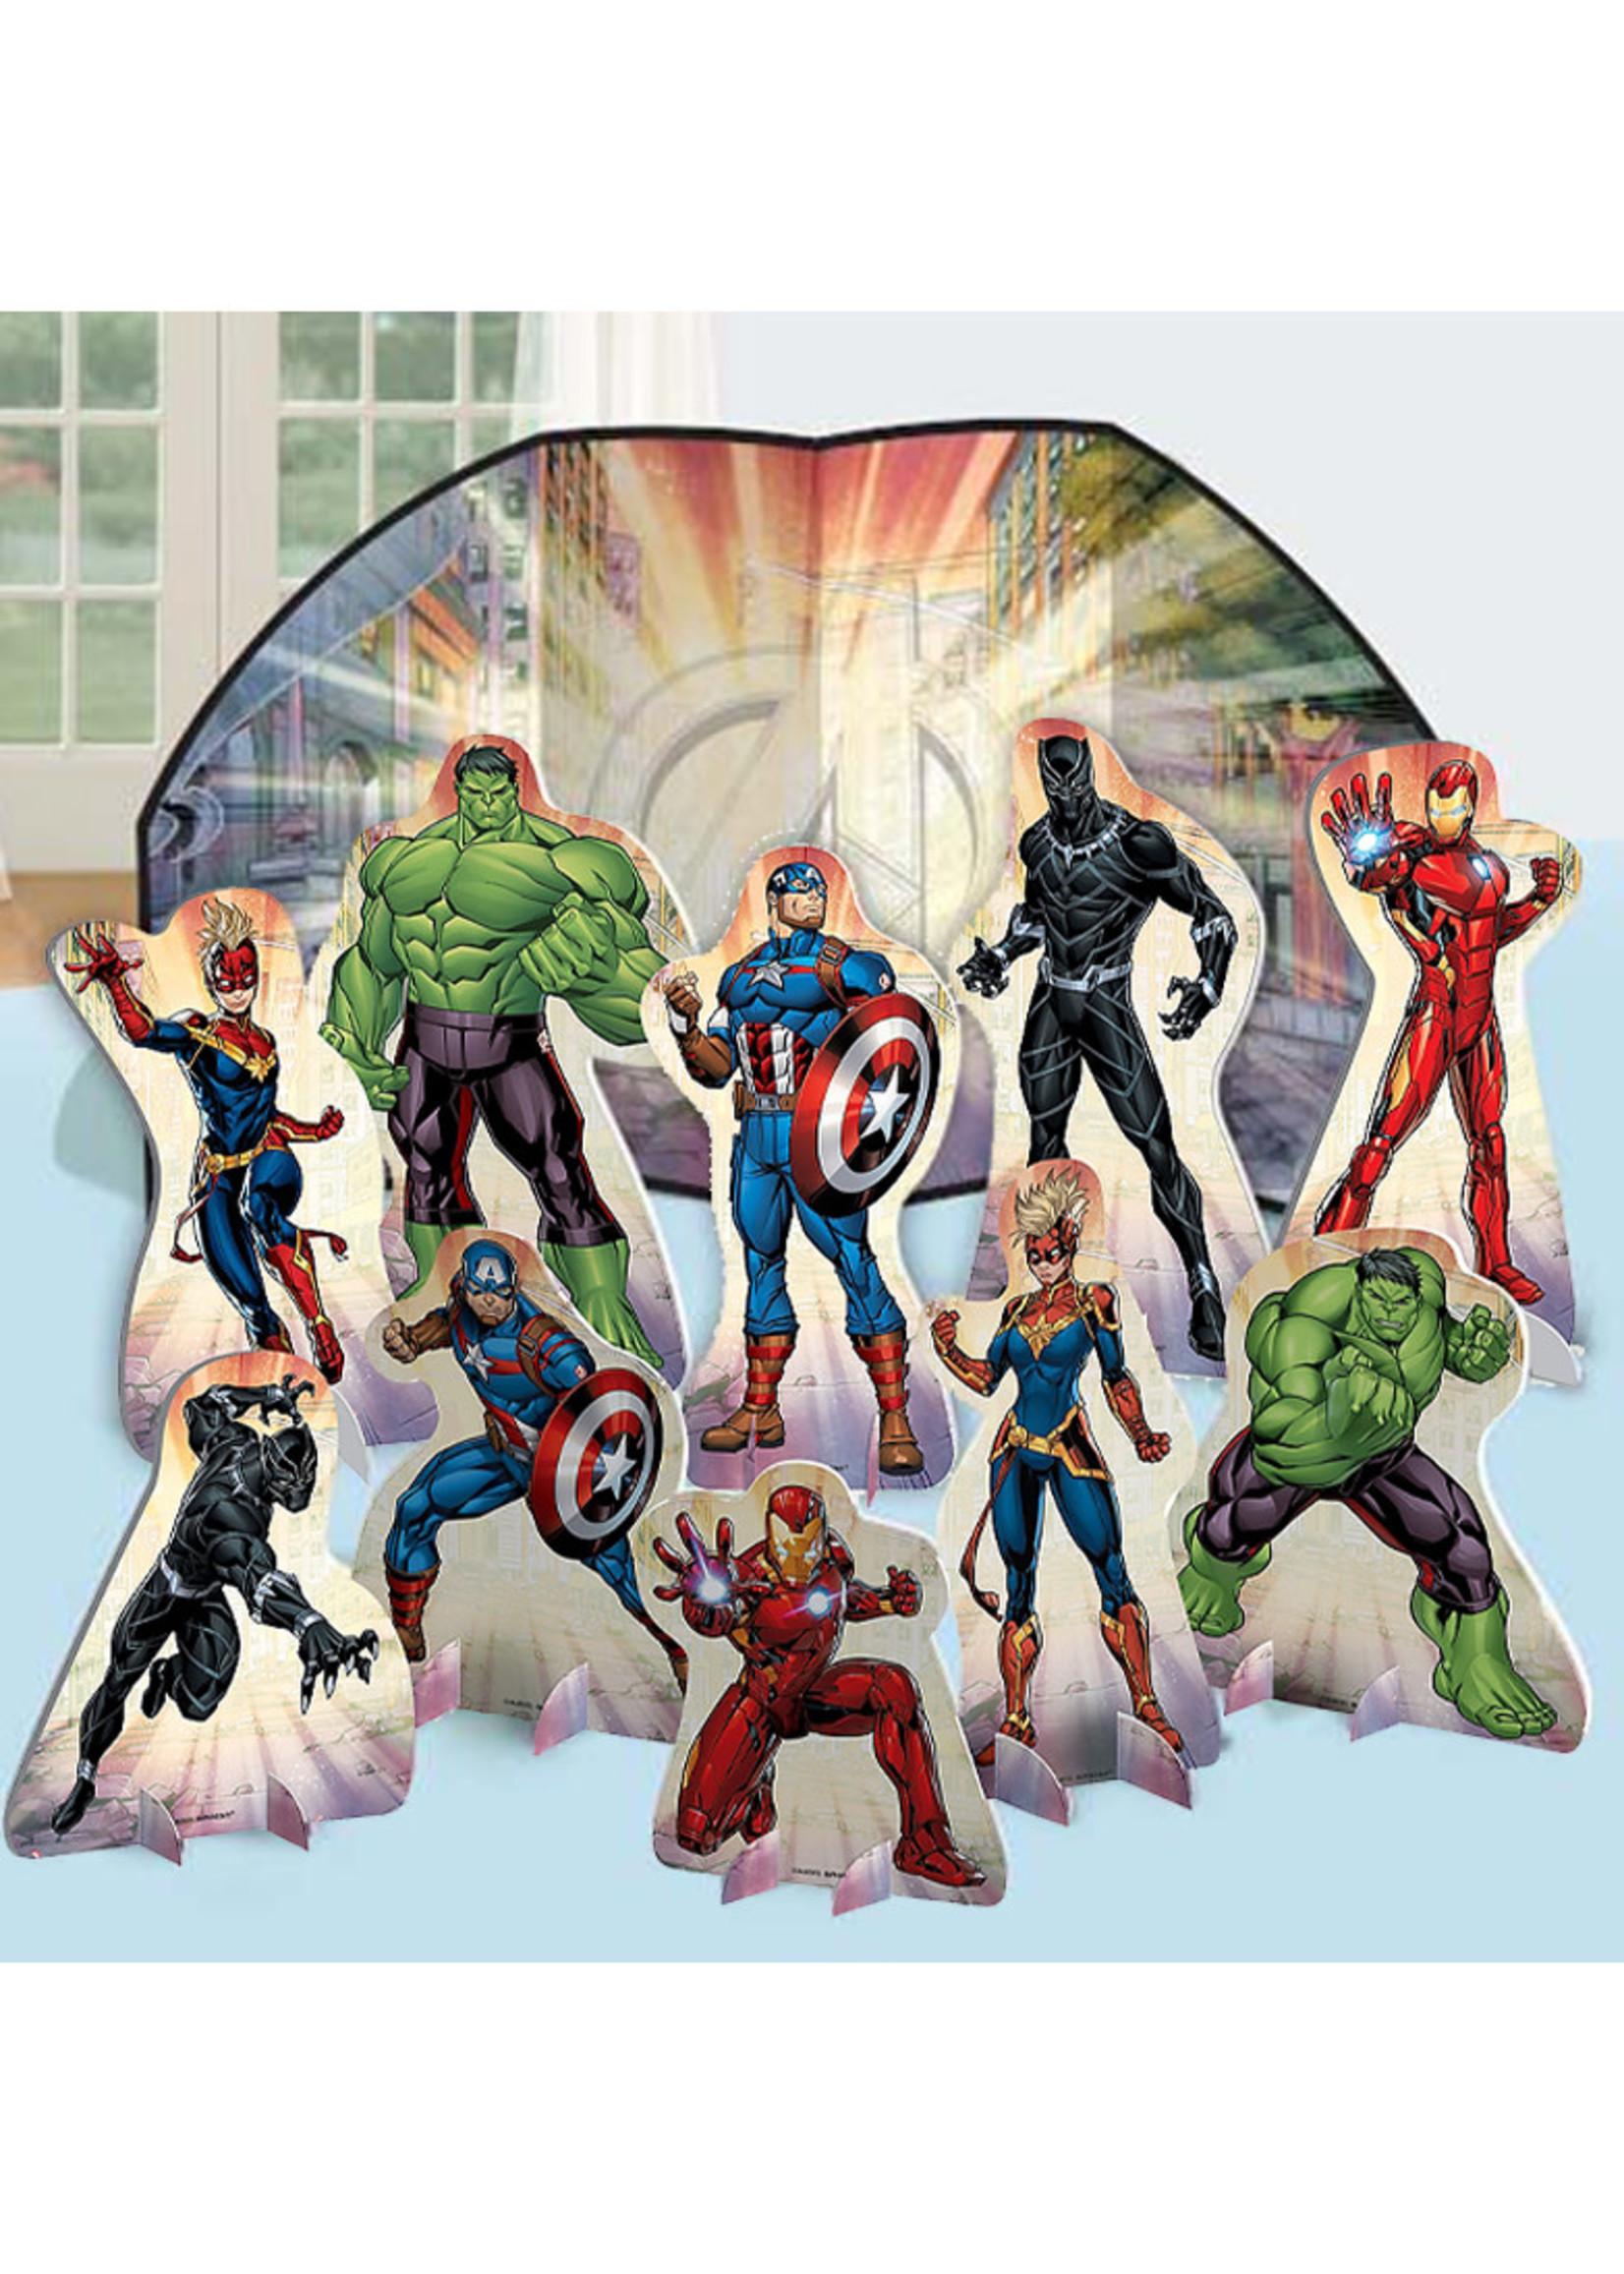 Marvel Powers Unite Table Decorating Kit 11pc